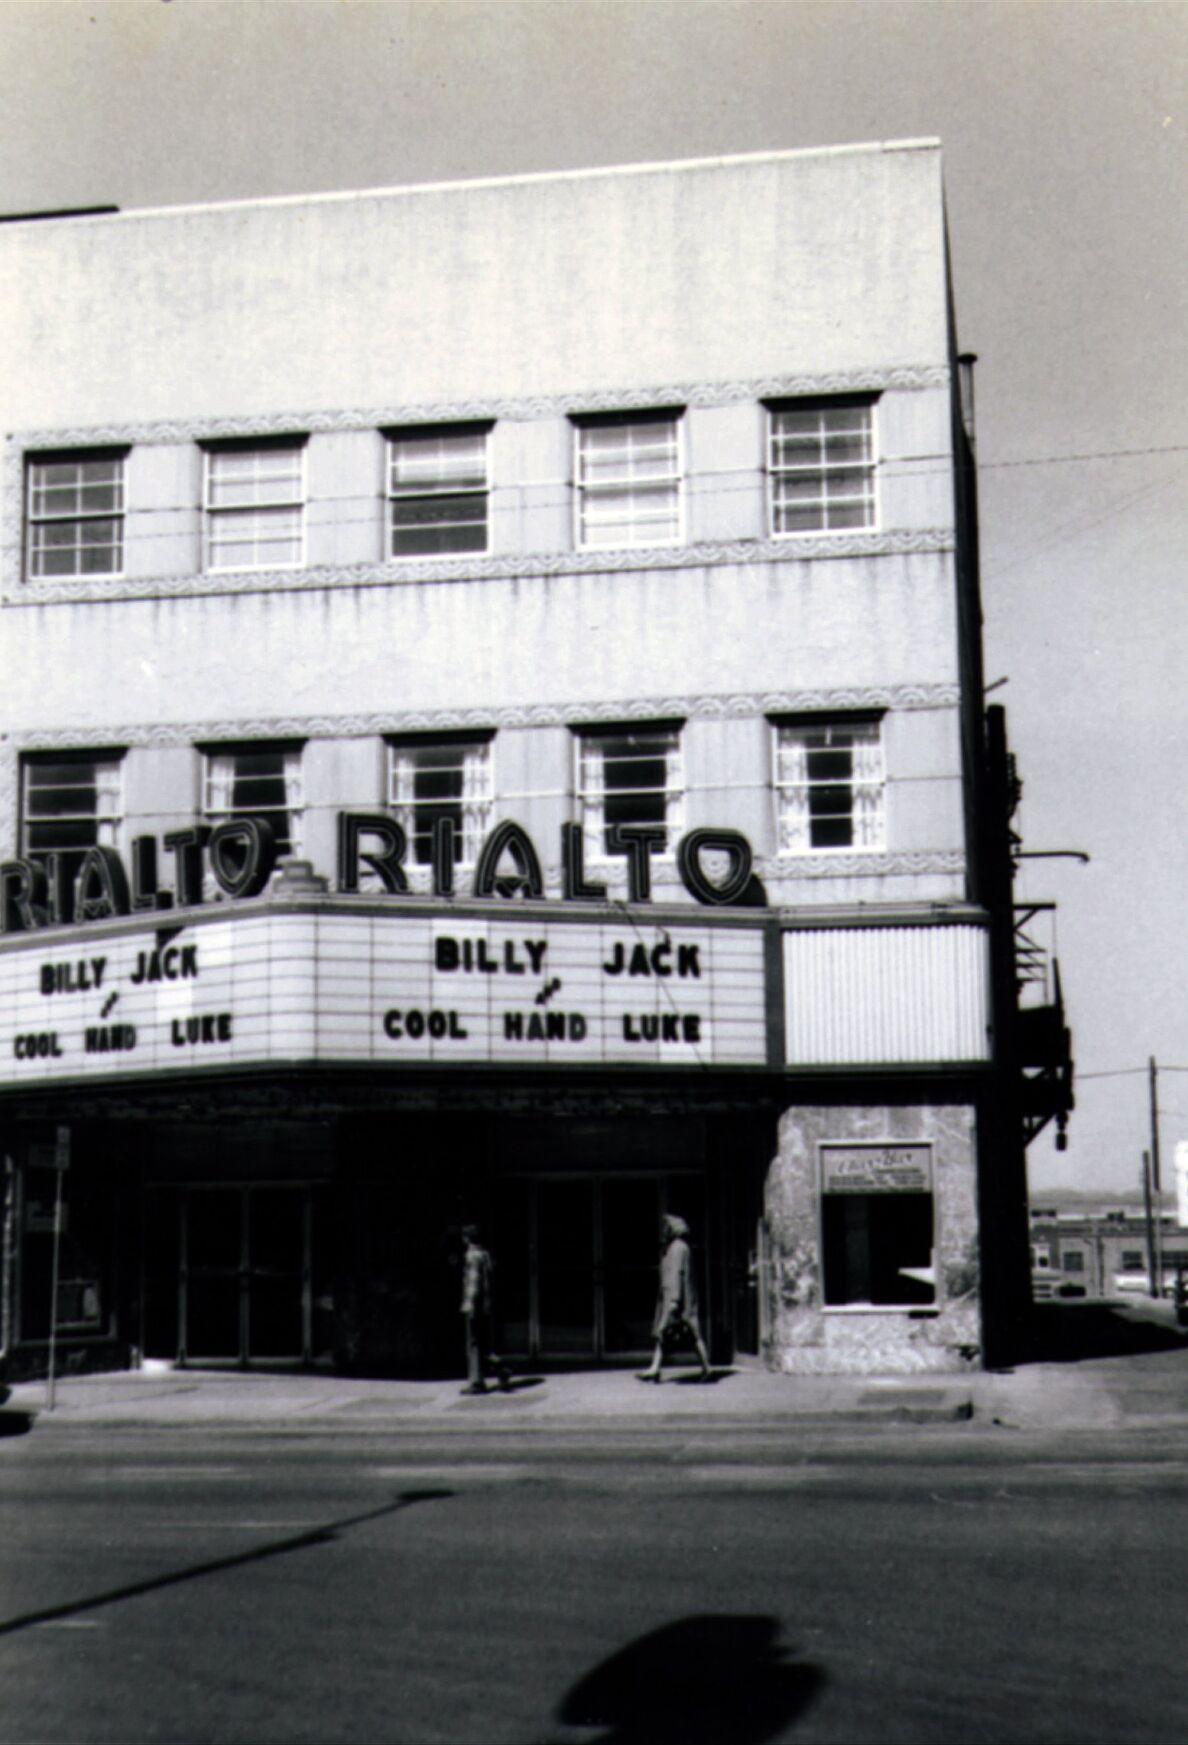 Old Tulsa World movie theater